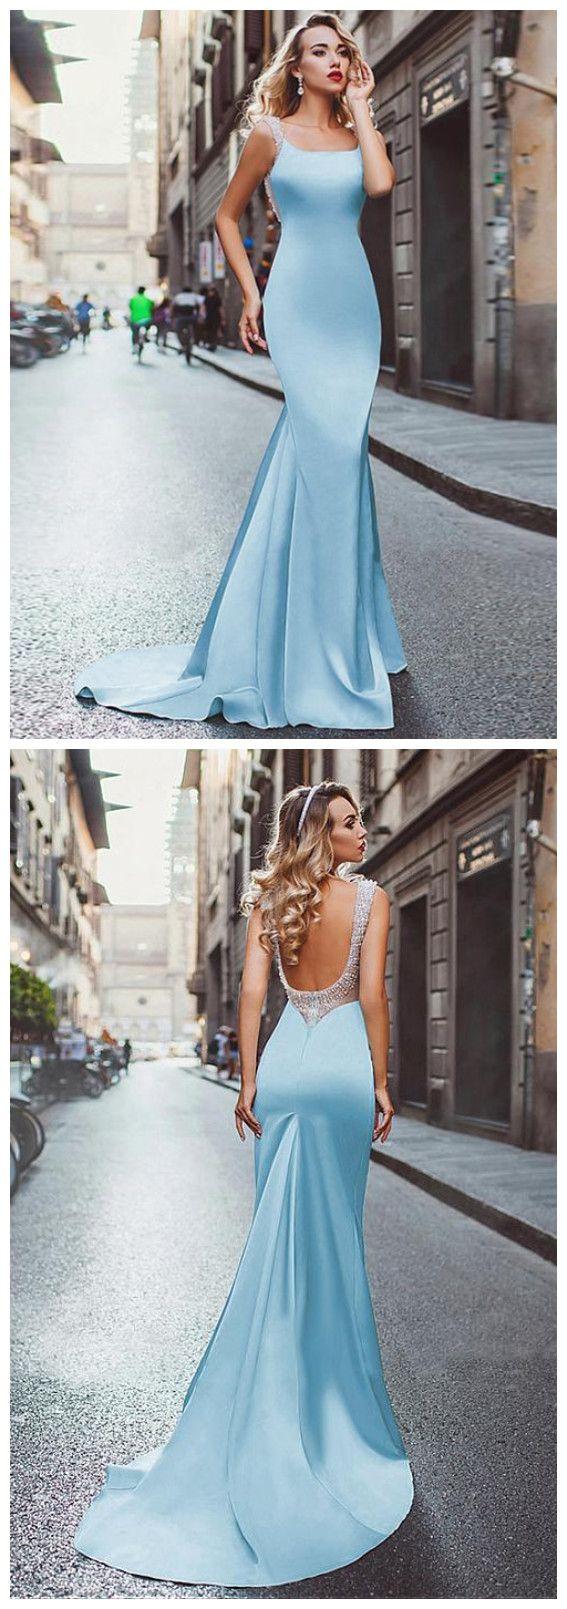 3433 best Prom dress images on Pinterest | Formal dresses, Formal ...